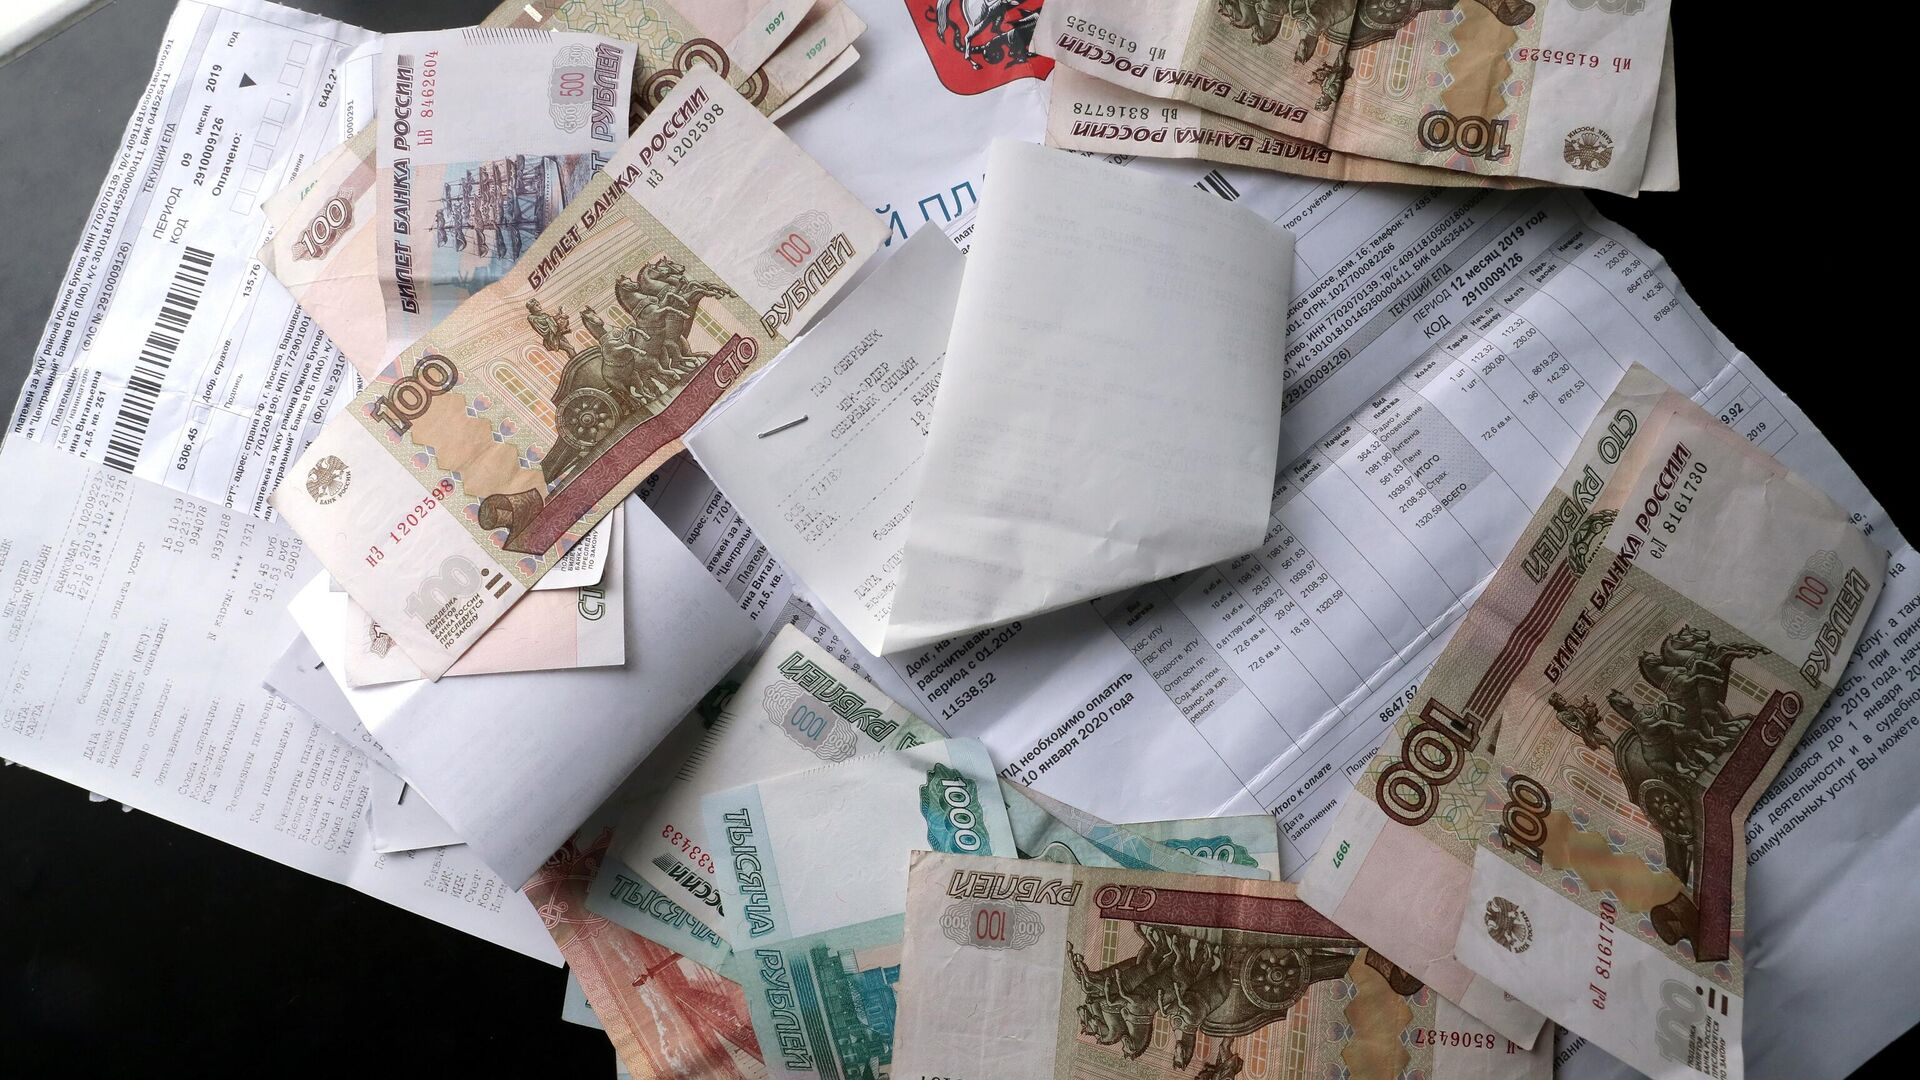 В 2020 году в России вырастут тарифы ЖКХ - РИА Новости, 1920, 16.12.2020